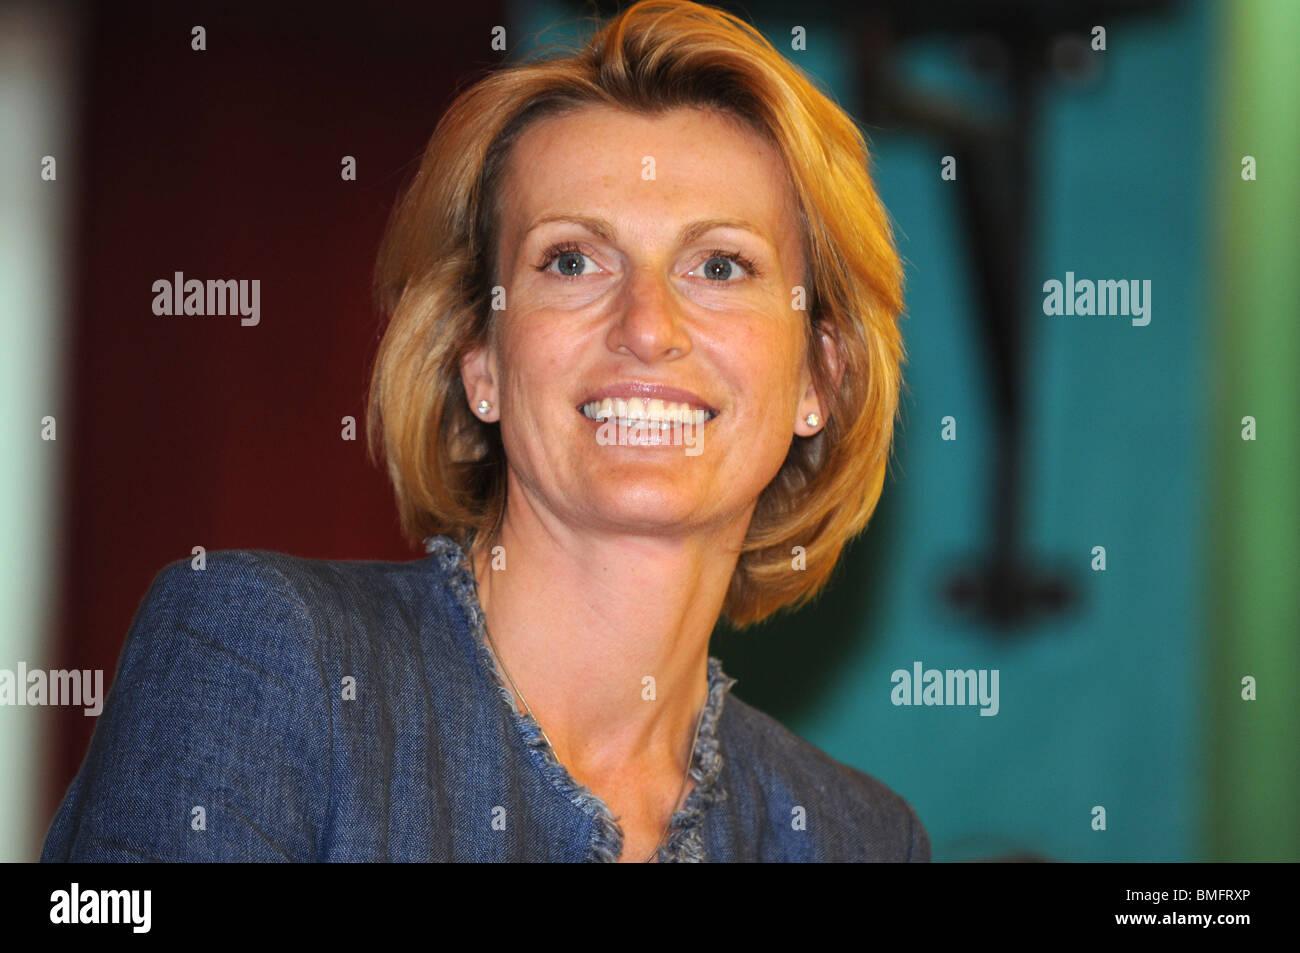 Elsebet Drax, Ehefrau von konservative Wartungstafel für South Dorset Richard Drax Stockbild